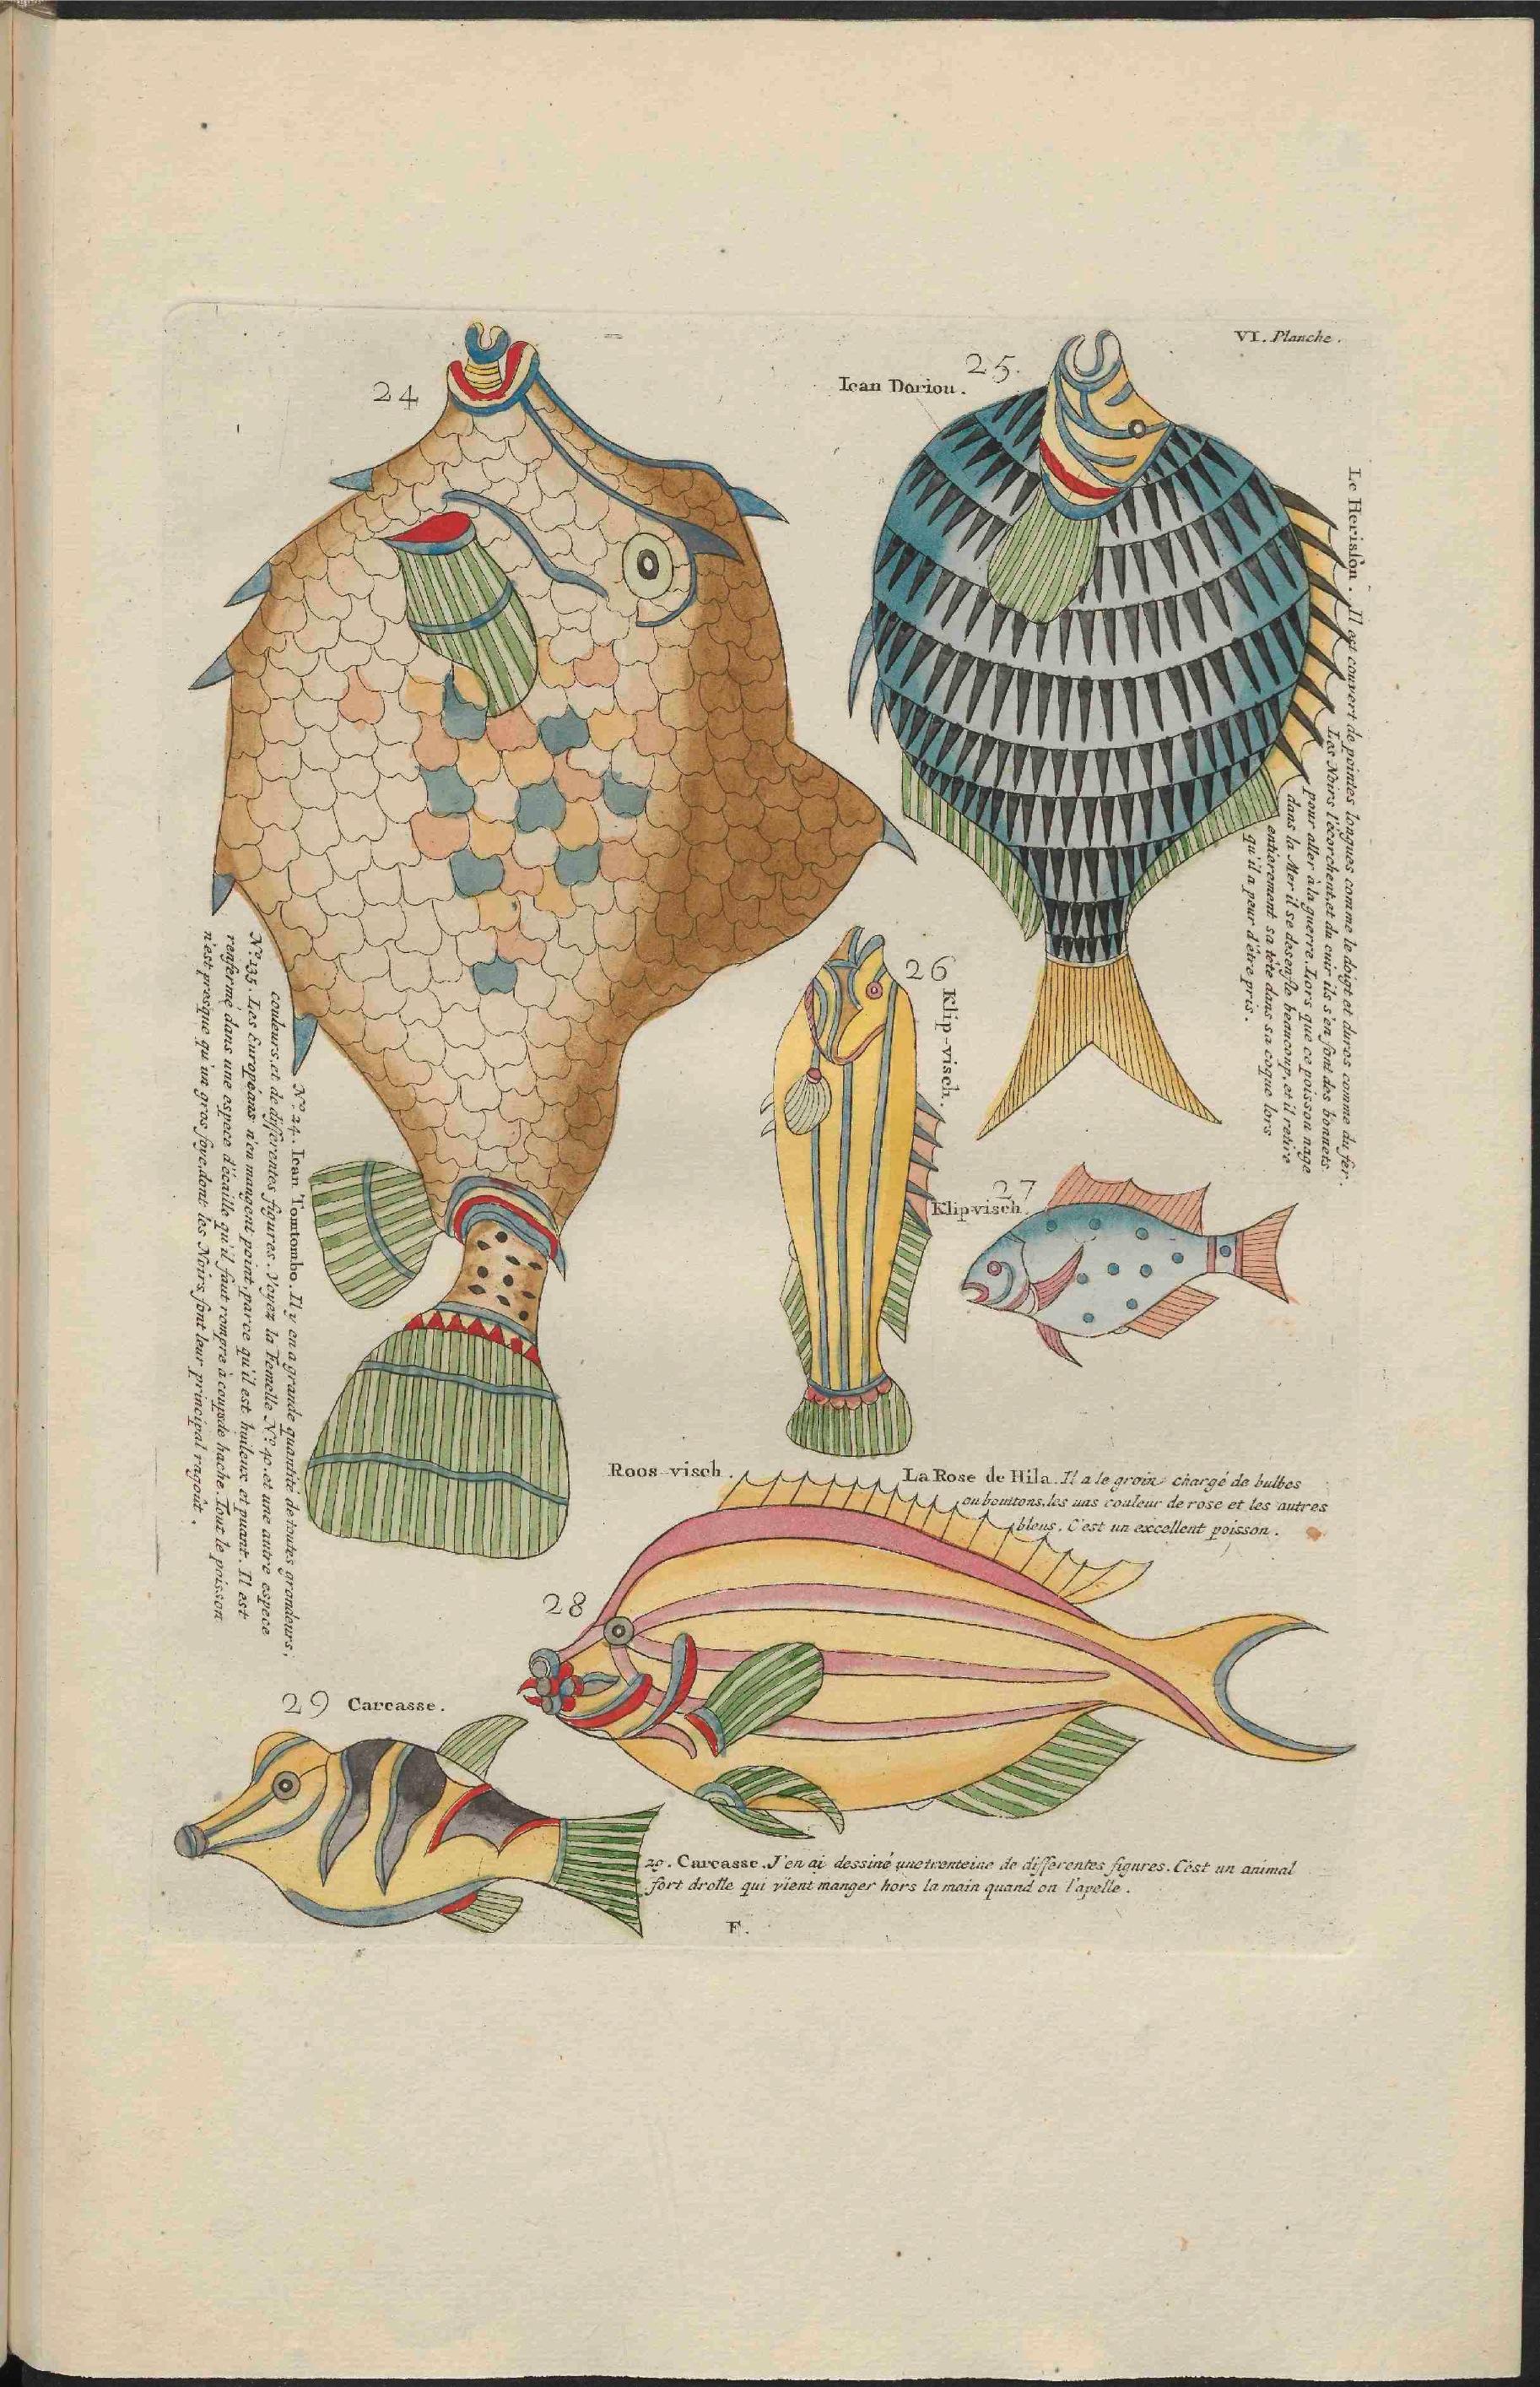 D Ou Vient Le Cuir file:ub utrecht - louis renard - 1782 - natuurlyke historie